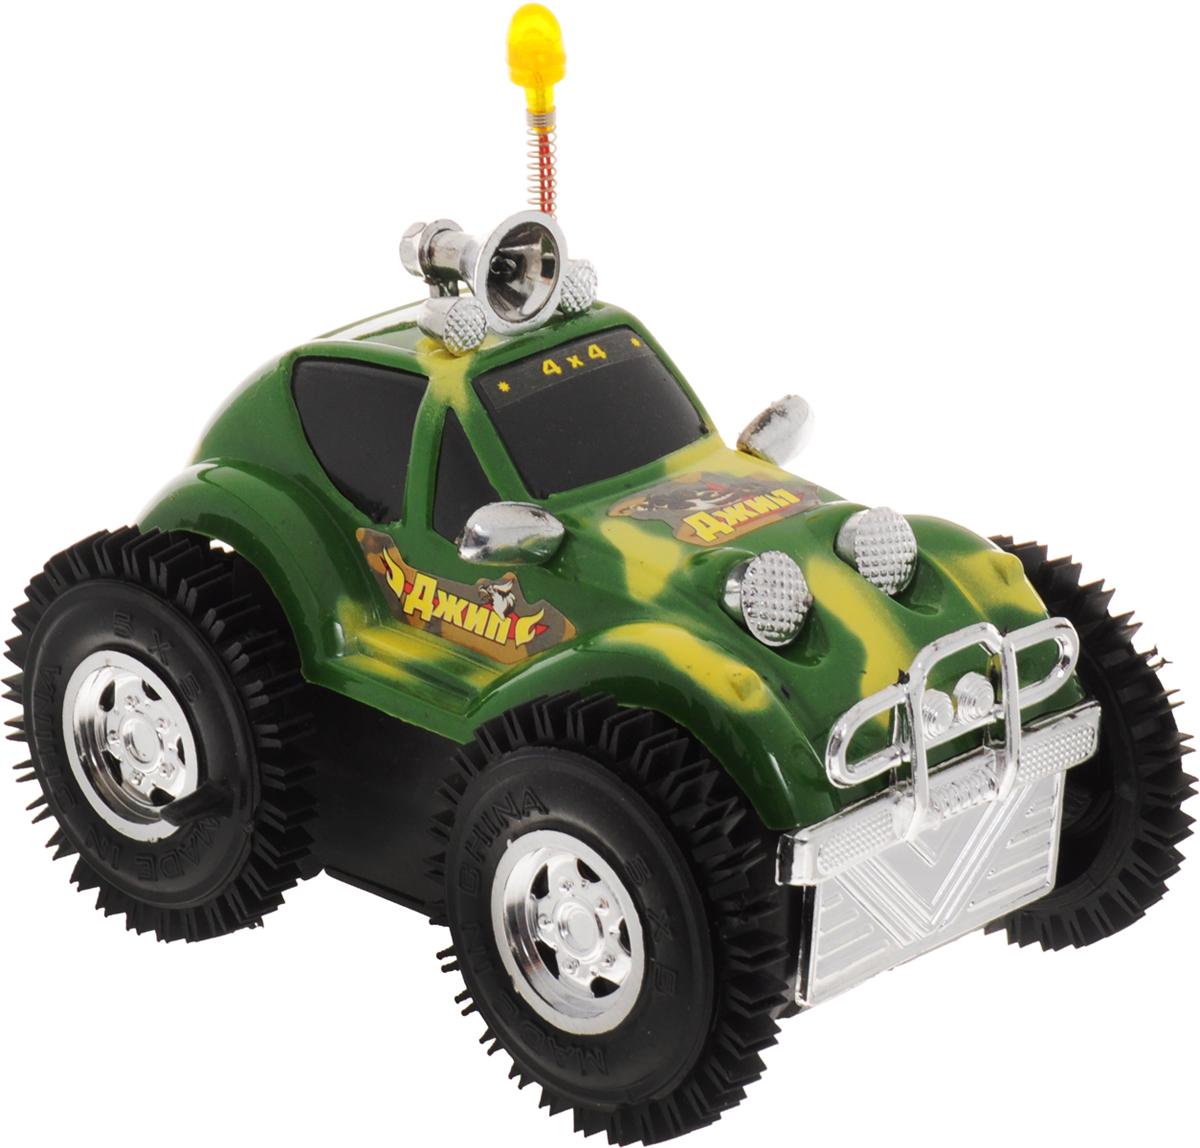 Играем вместе Джип-перевертыш цвет зеленыйA033-TC-NPДжип-перевертыш Играем вместе станет основой для интересных сюжетных игр: кроха может представлять себя в роли лихого гонщика, колесящего по бездорожью в поисках приключений. Особенностью машинки является ее способность при переворачивании возвращаться на колеса и продолжать свой путь. А световые эффекты игрушки добавят игре реалистичности и поднимут настроение. Таким образом, дети учатся сами создавать ситуации и обстоятельства для игры, развивая при этом фантазию и образное мышление. Для работы игрушки необходимы 2 батарейки типа АА напряжением 1,5V (не входят в комплект).